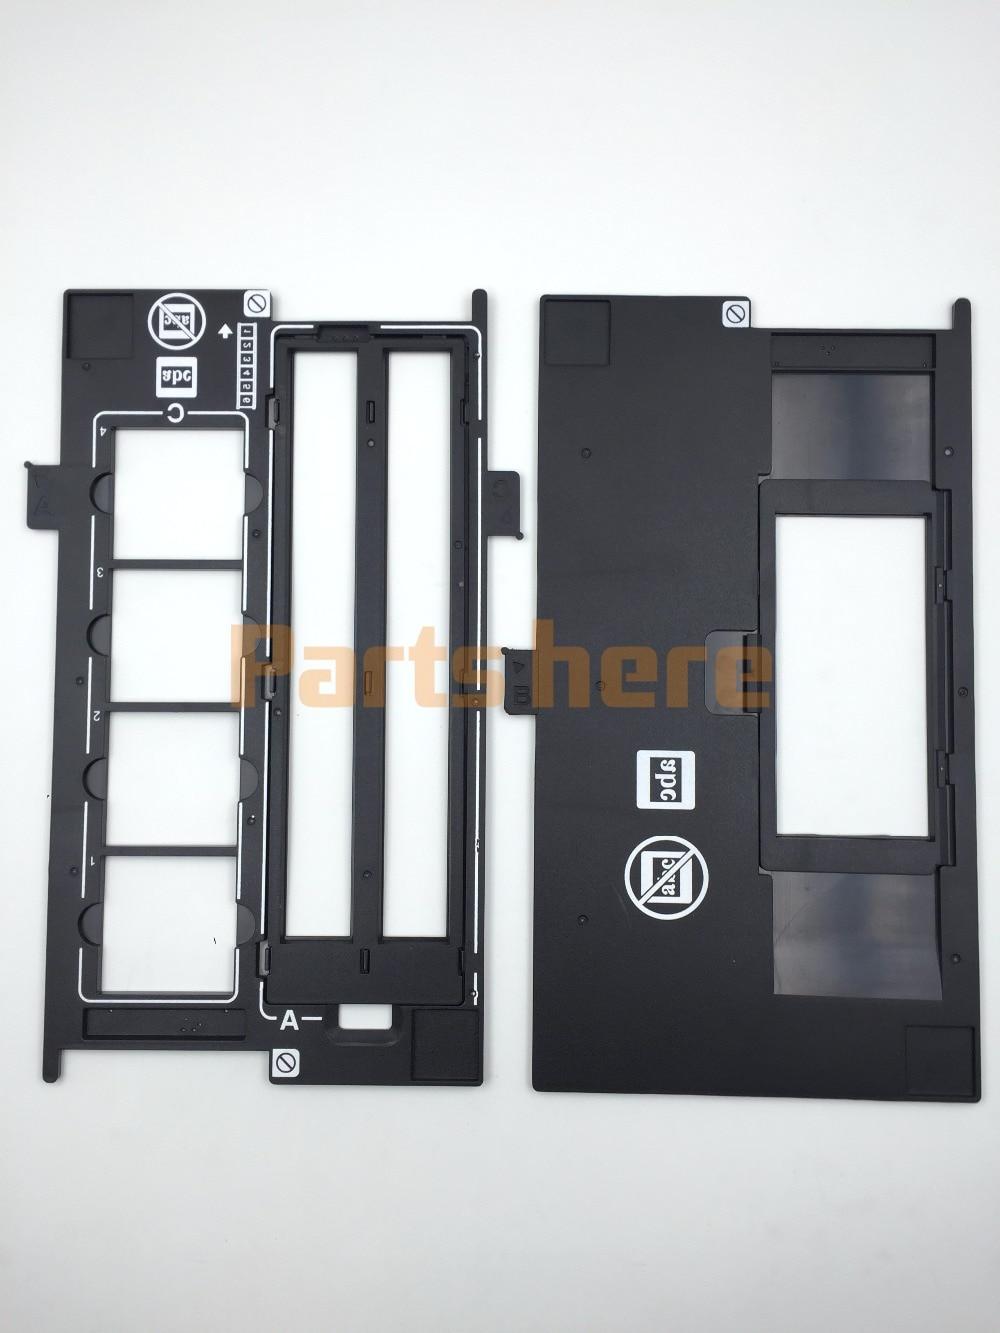 1423040 1401439 Holder Assy Film Slide 35mm Holder Film Brownie 120mm for Epson V500 V550 V600